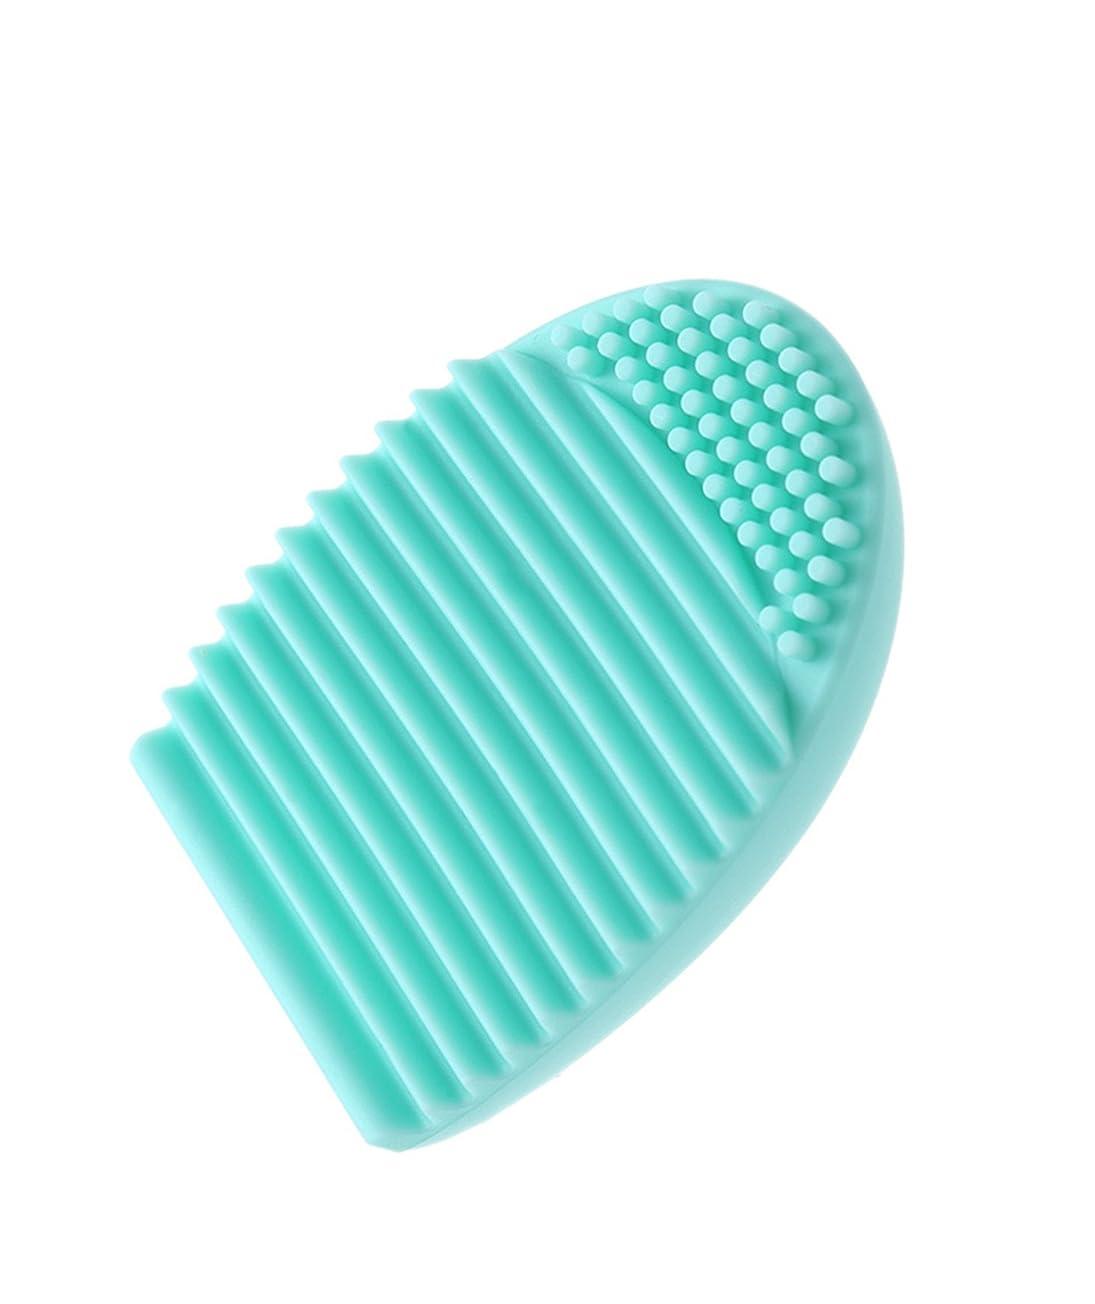 ゼリー進化する議論するノーブランド 化粧ブラシ クリーニング 手袋 メイクブラシクリーナー 洗濯板 シリコン 化粧筆清潔 雑貨 旅行 清掃ブラシ 可愛い 明るい 水色